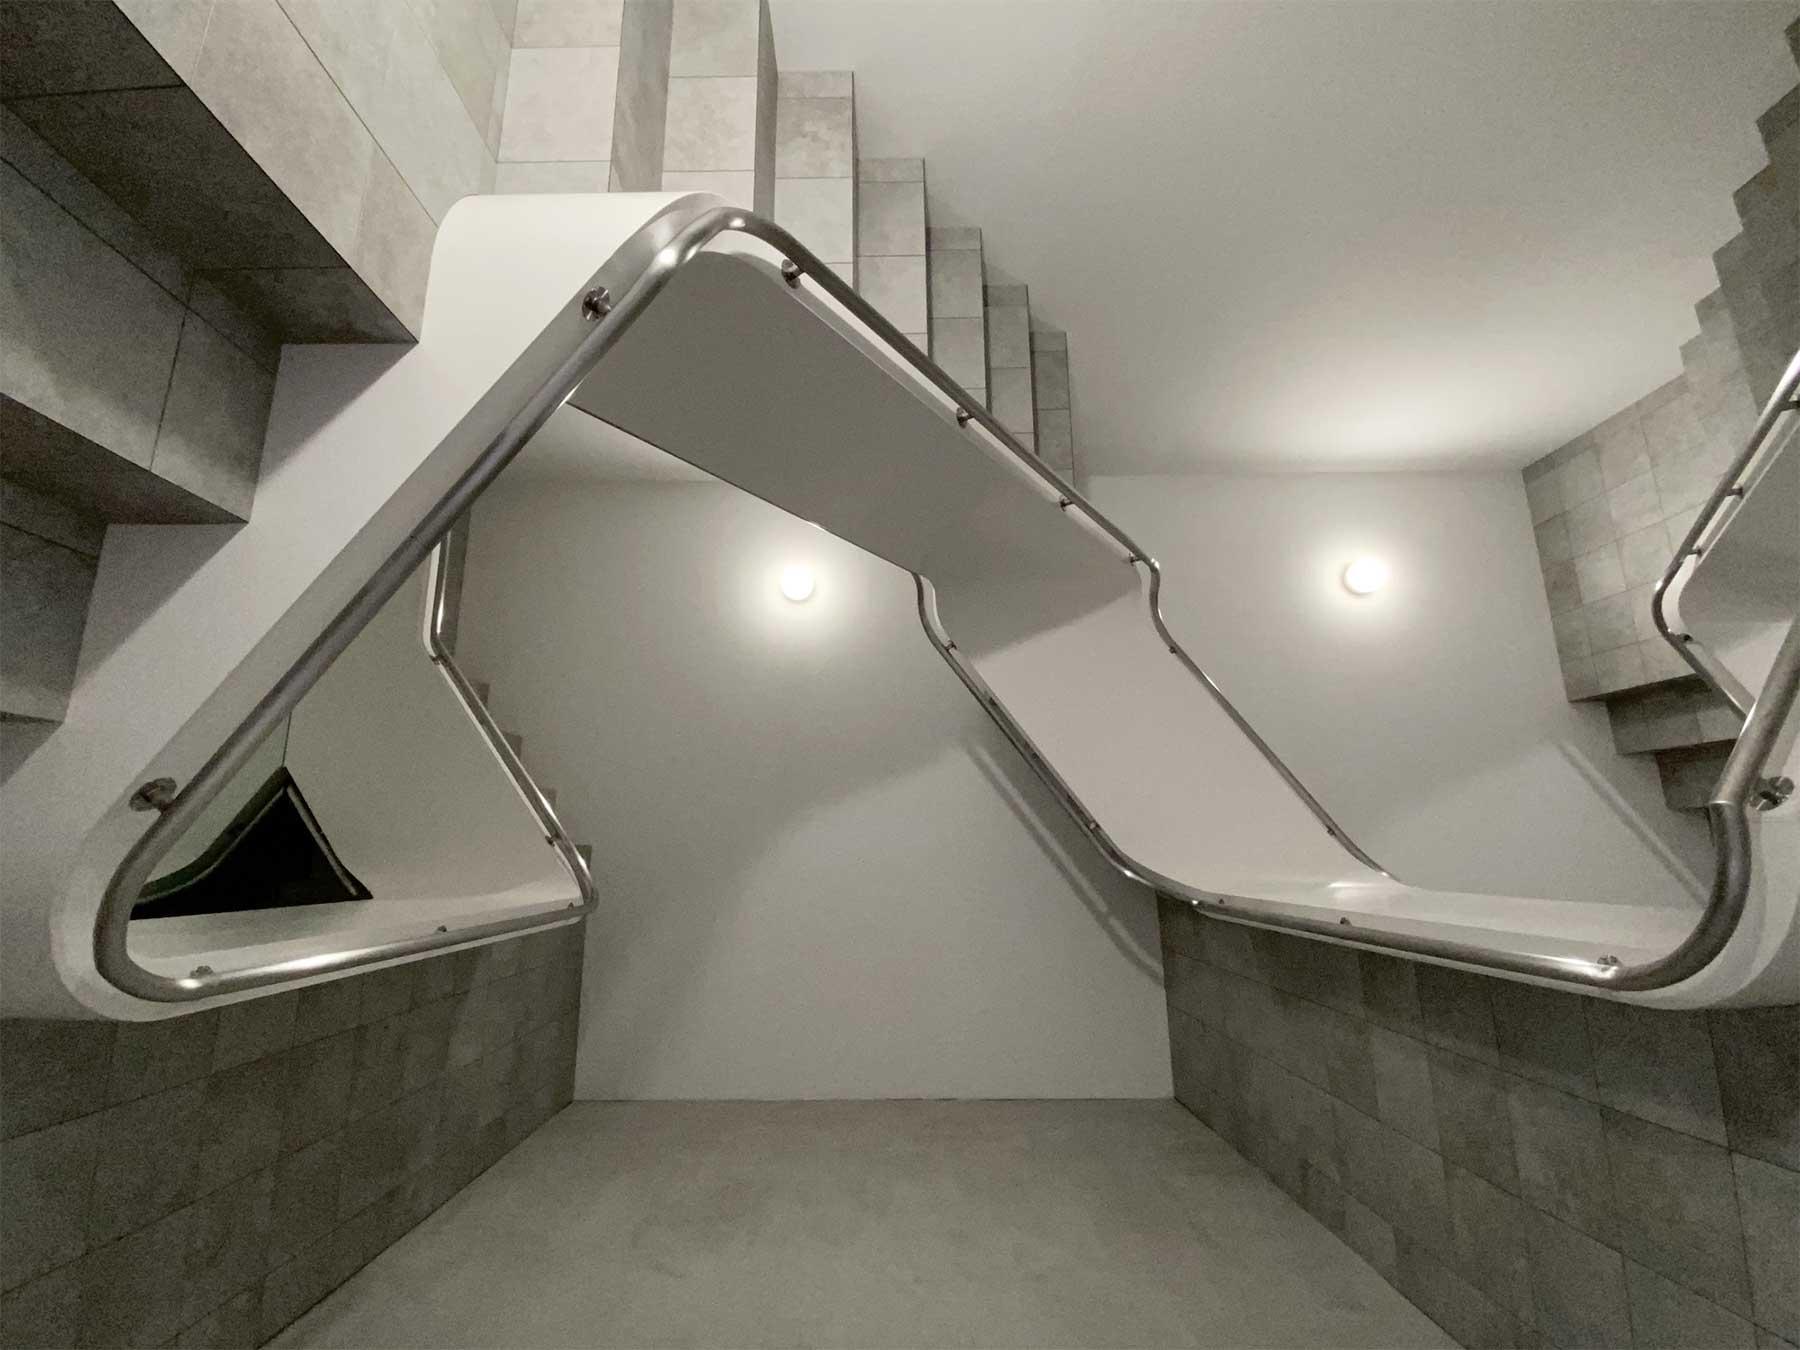 Unendliche Treppenschnecke von Leandro Erlich Leandro-Erlich-staircase_02